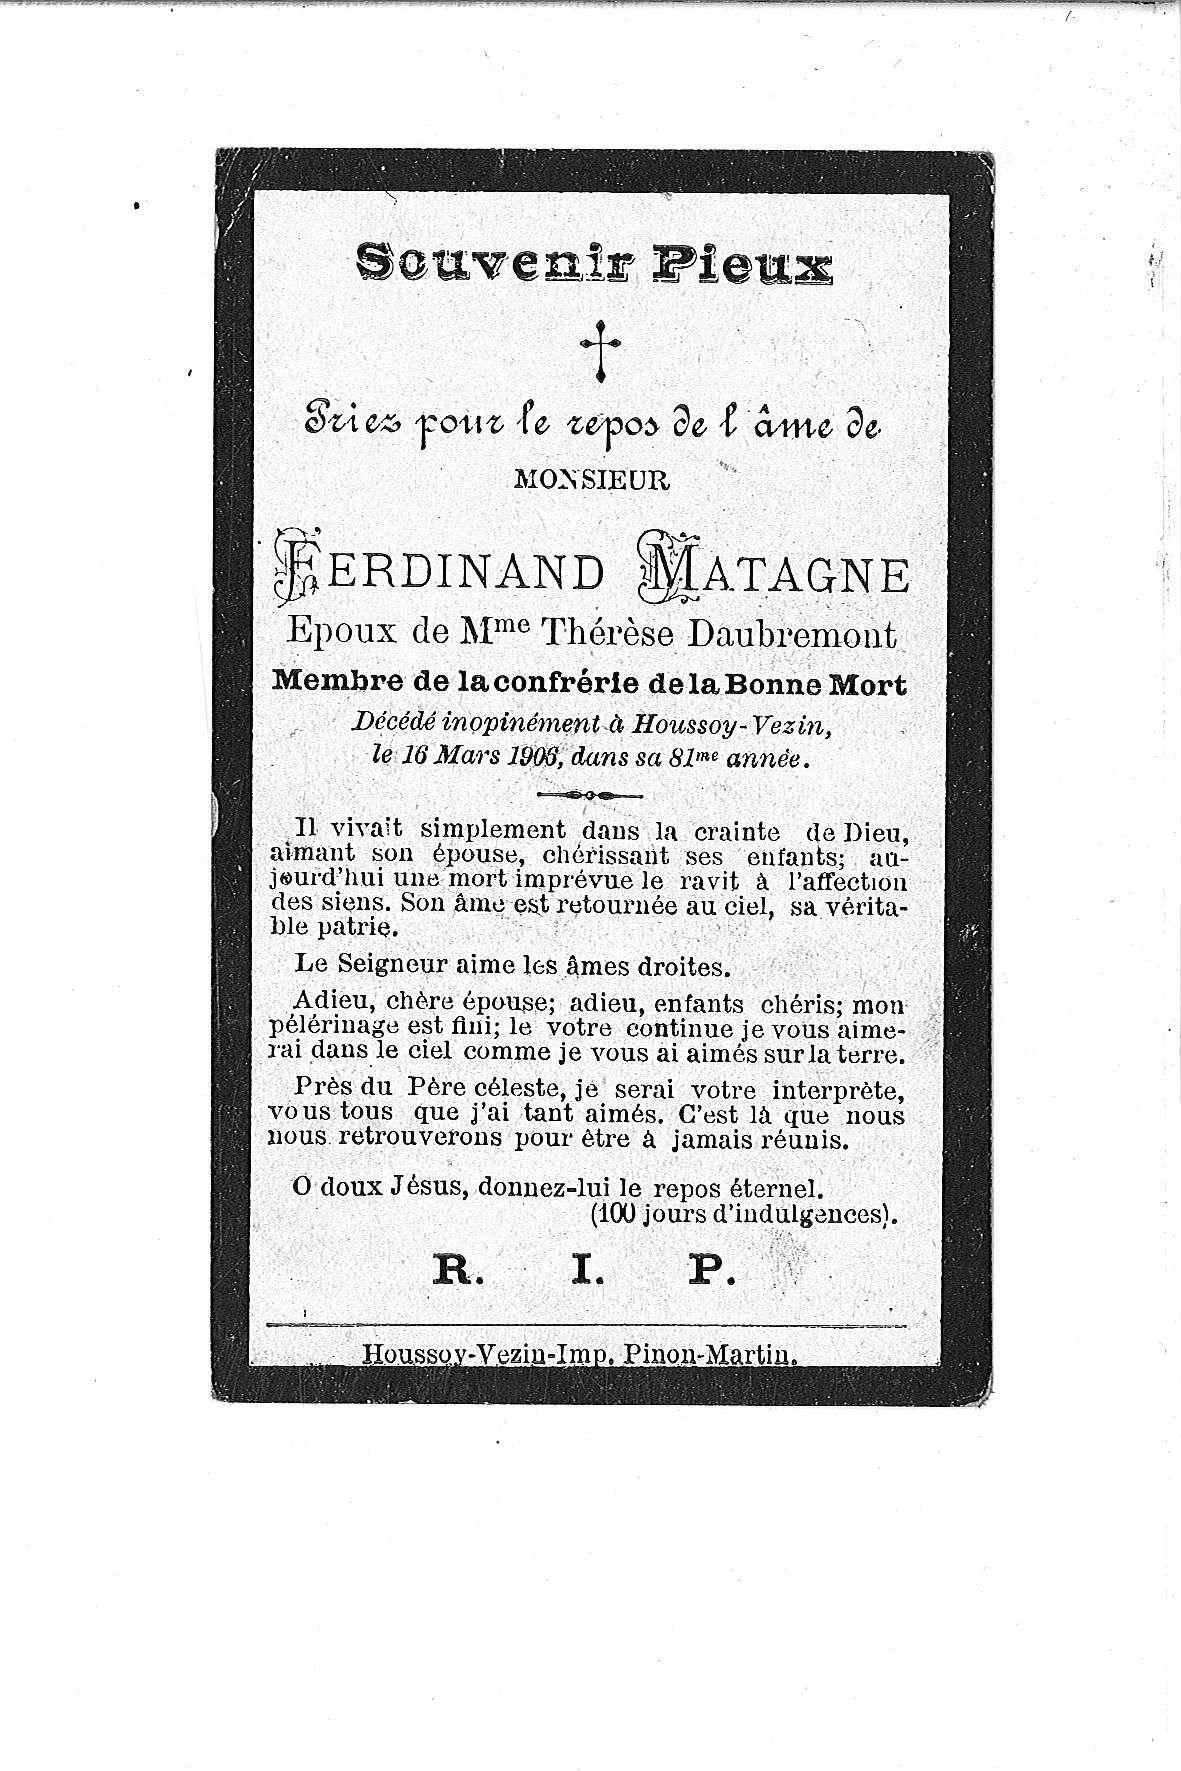 Ferdinand(1906)20120227085536_00043.jpg